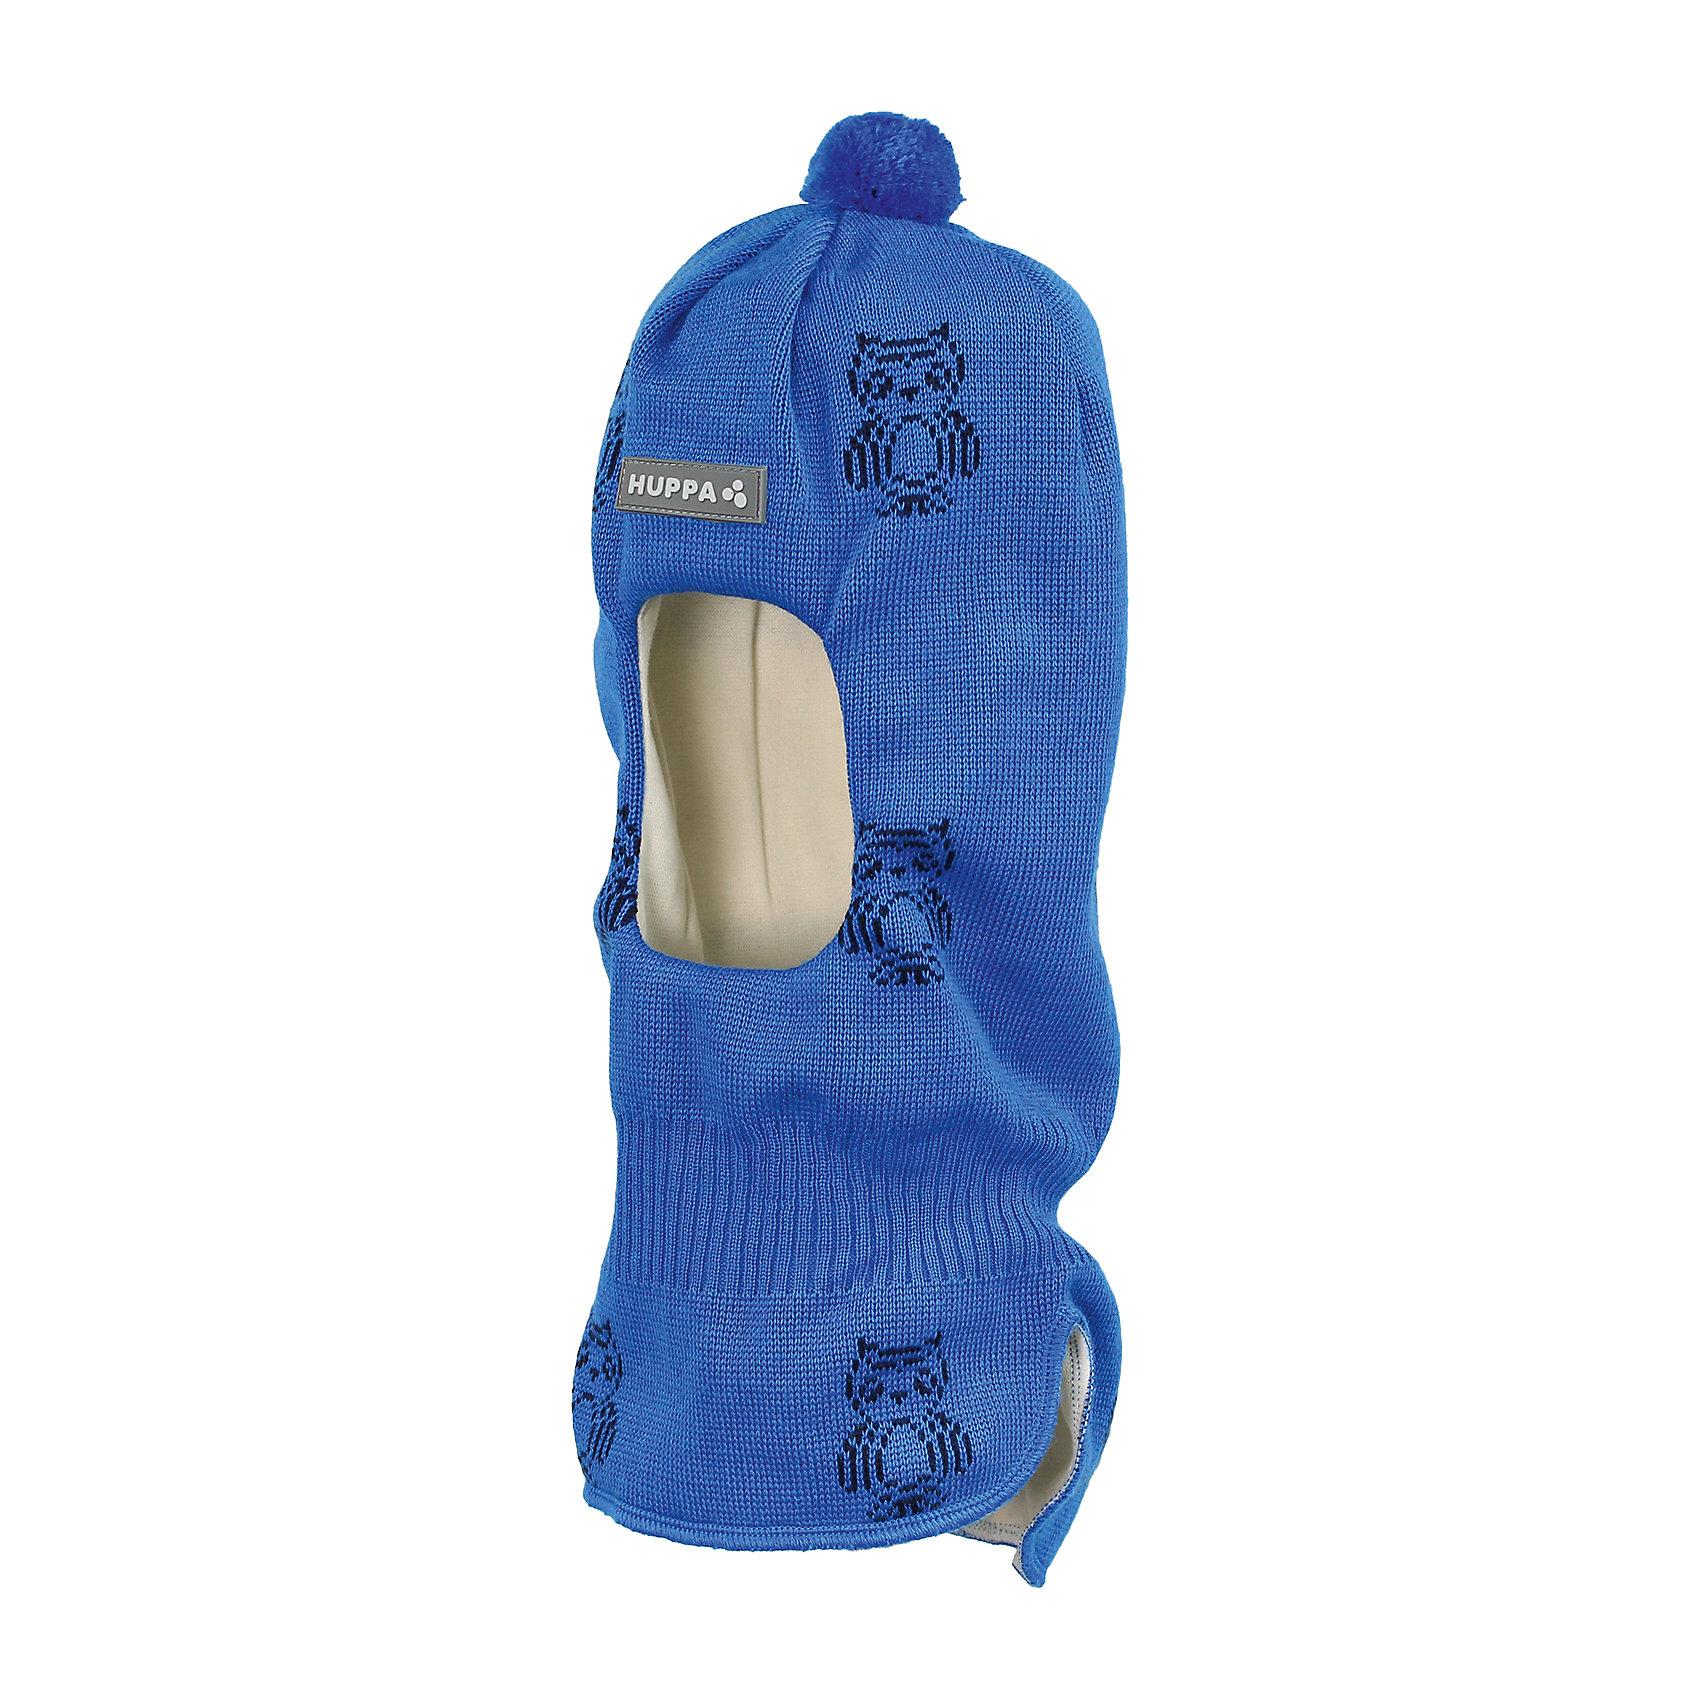 Шапка-шлем для мальчика HuppaГоловные уборы<br>Вязаная шапка-шлем с симпатичными совами для малышей. У шапки подкладка из хлопкового трикотажа, наружная часть из смеси 50% мериносовой шерсти и 50% акриловой пряжи. Шапка-шлем с одним помпоном идеальна для прогулок во дворе в зимние холода, потому что защищает шею и уши ребенка от холодного ветра. Особенно удобно ее надевать ребенку самому, потому что вместо двух аксессуаров нужно надеть только один.<br><br>Шапку-шлем для мальчика Huppa (Хуппа) можно купить в нашем магазине.<br><br>Ширина мм: 89<br>Глубина мм: 117<br>Высота мм: 44<br>Вес г: 155<br>Цвет: синий<br>Возраст от месяцев: 9<br>Возраст до месяцев: 12<br>Пол: Мужской<br>Возраст: Детский<br>Размер: 43-45,47-49,51-53<br>SKU: 4243032